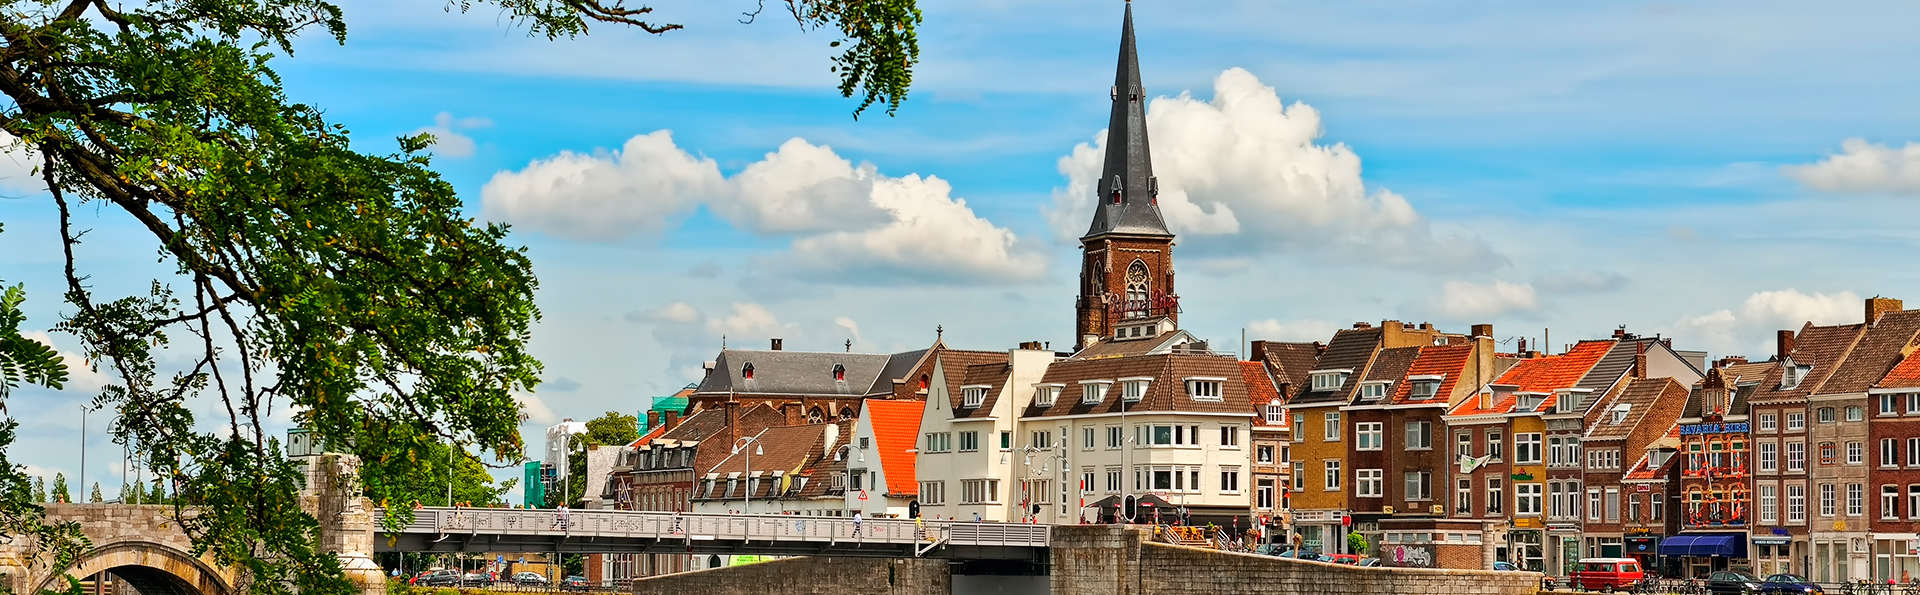 Escapade citadine en famille à Maastricht (1 enfant inclus)